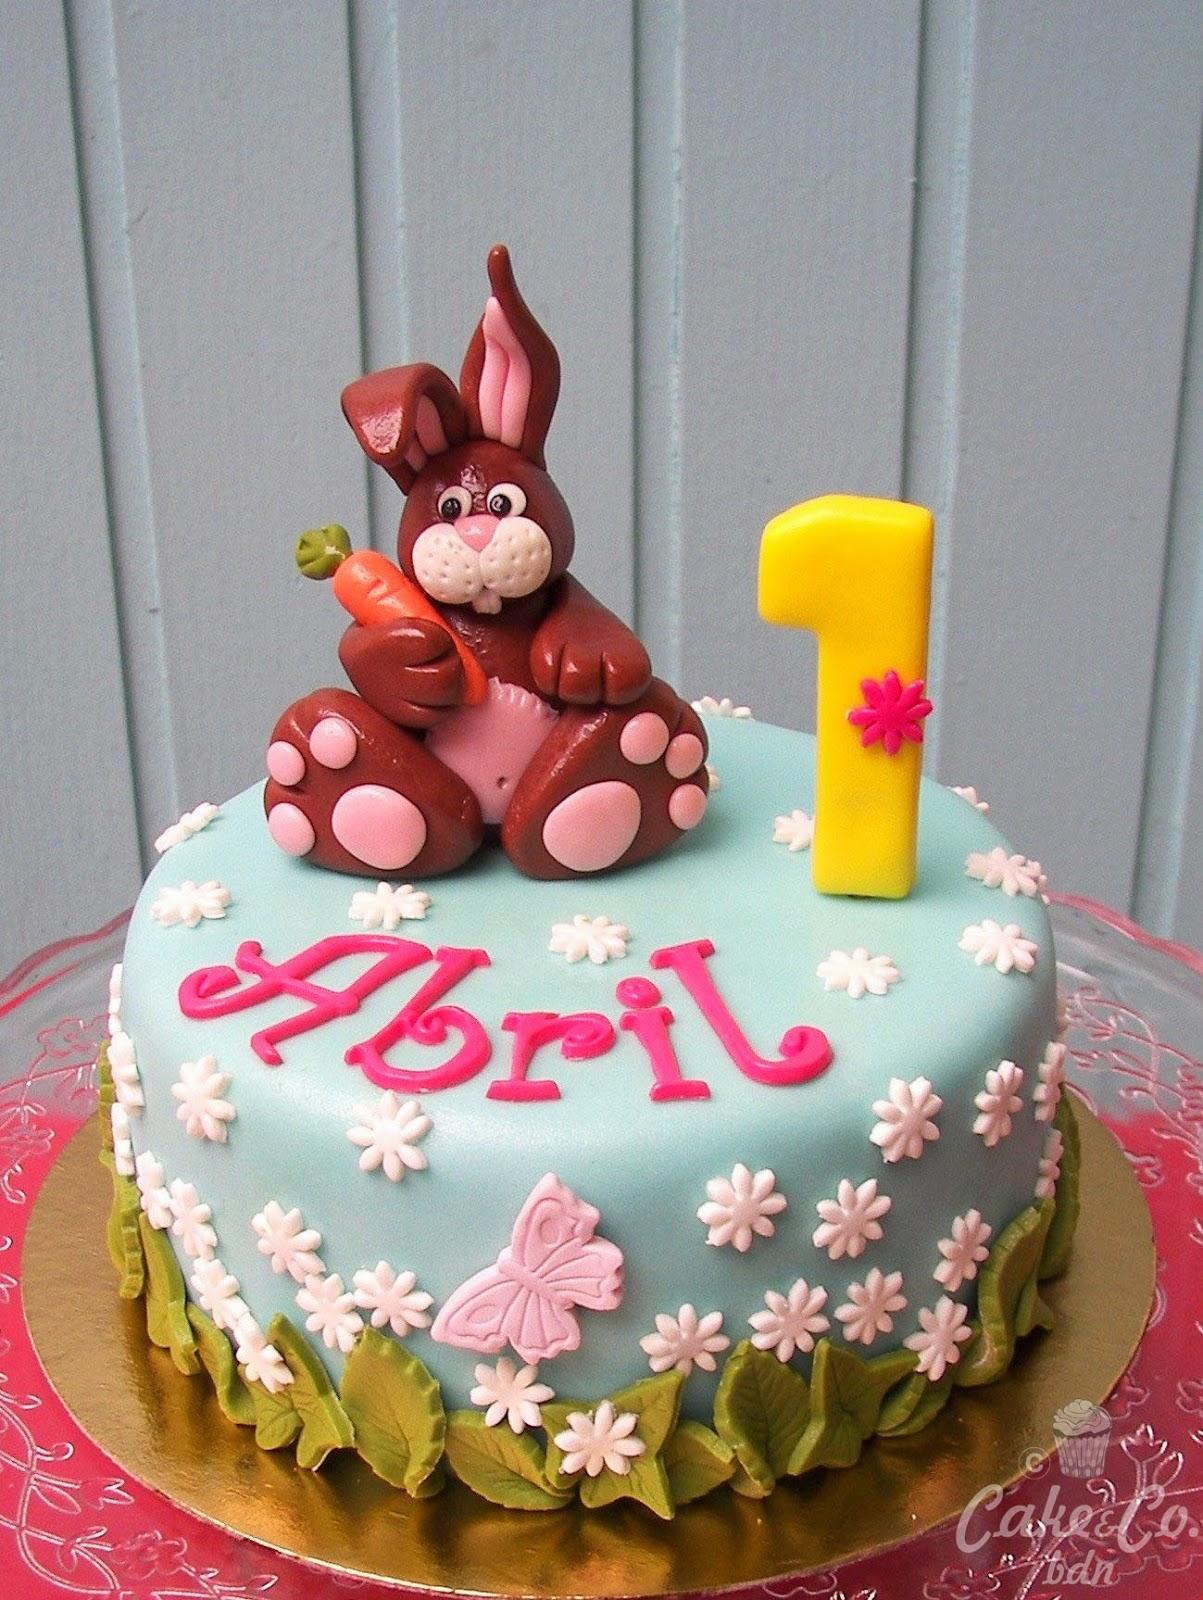 aqu tenis la primera tarta fondant de esta semana para abril que cumple un aito un jardn primaveral flores mariposa hojas y conejo incluido